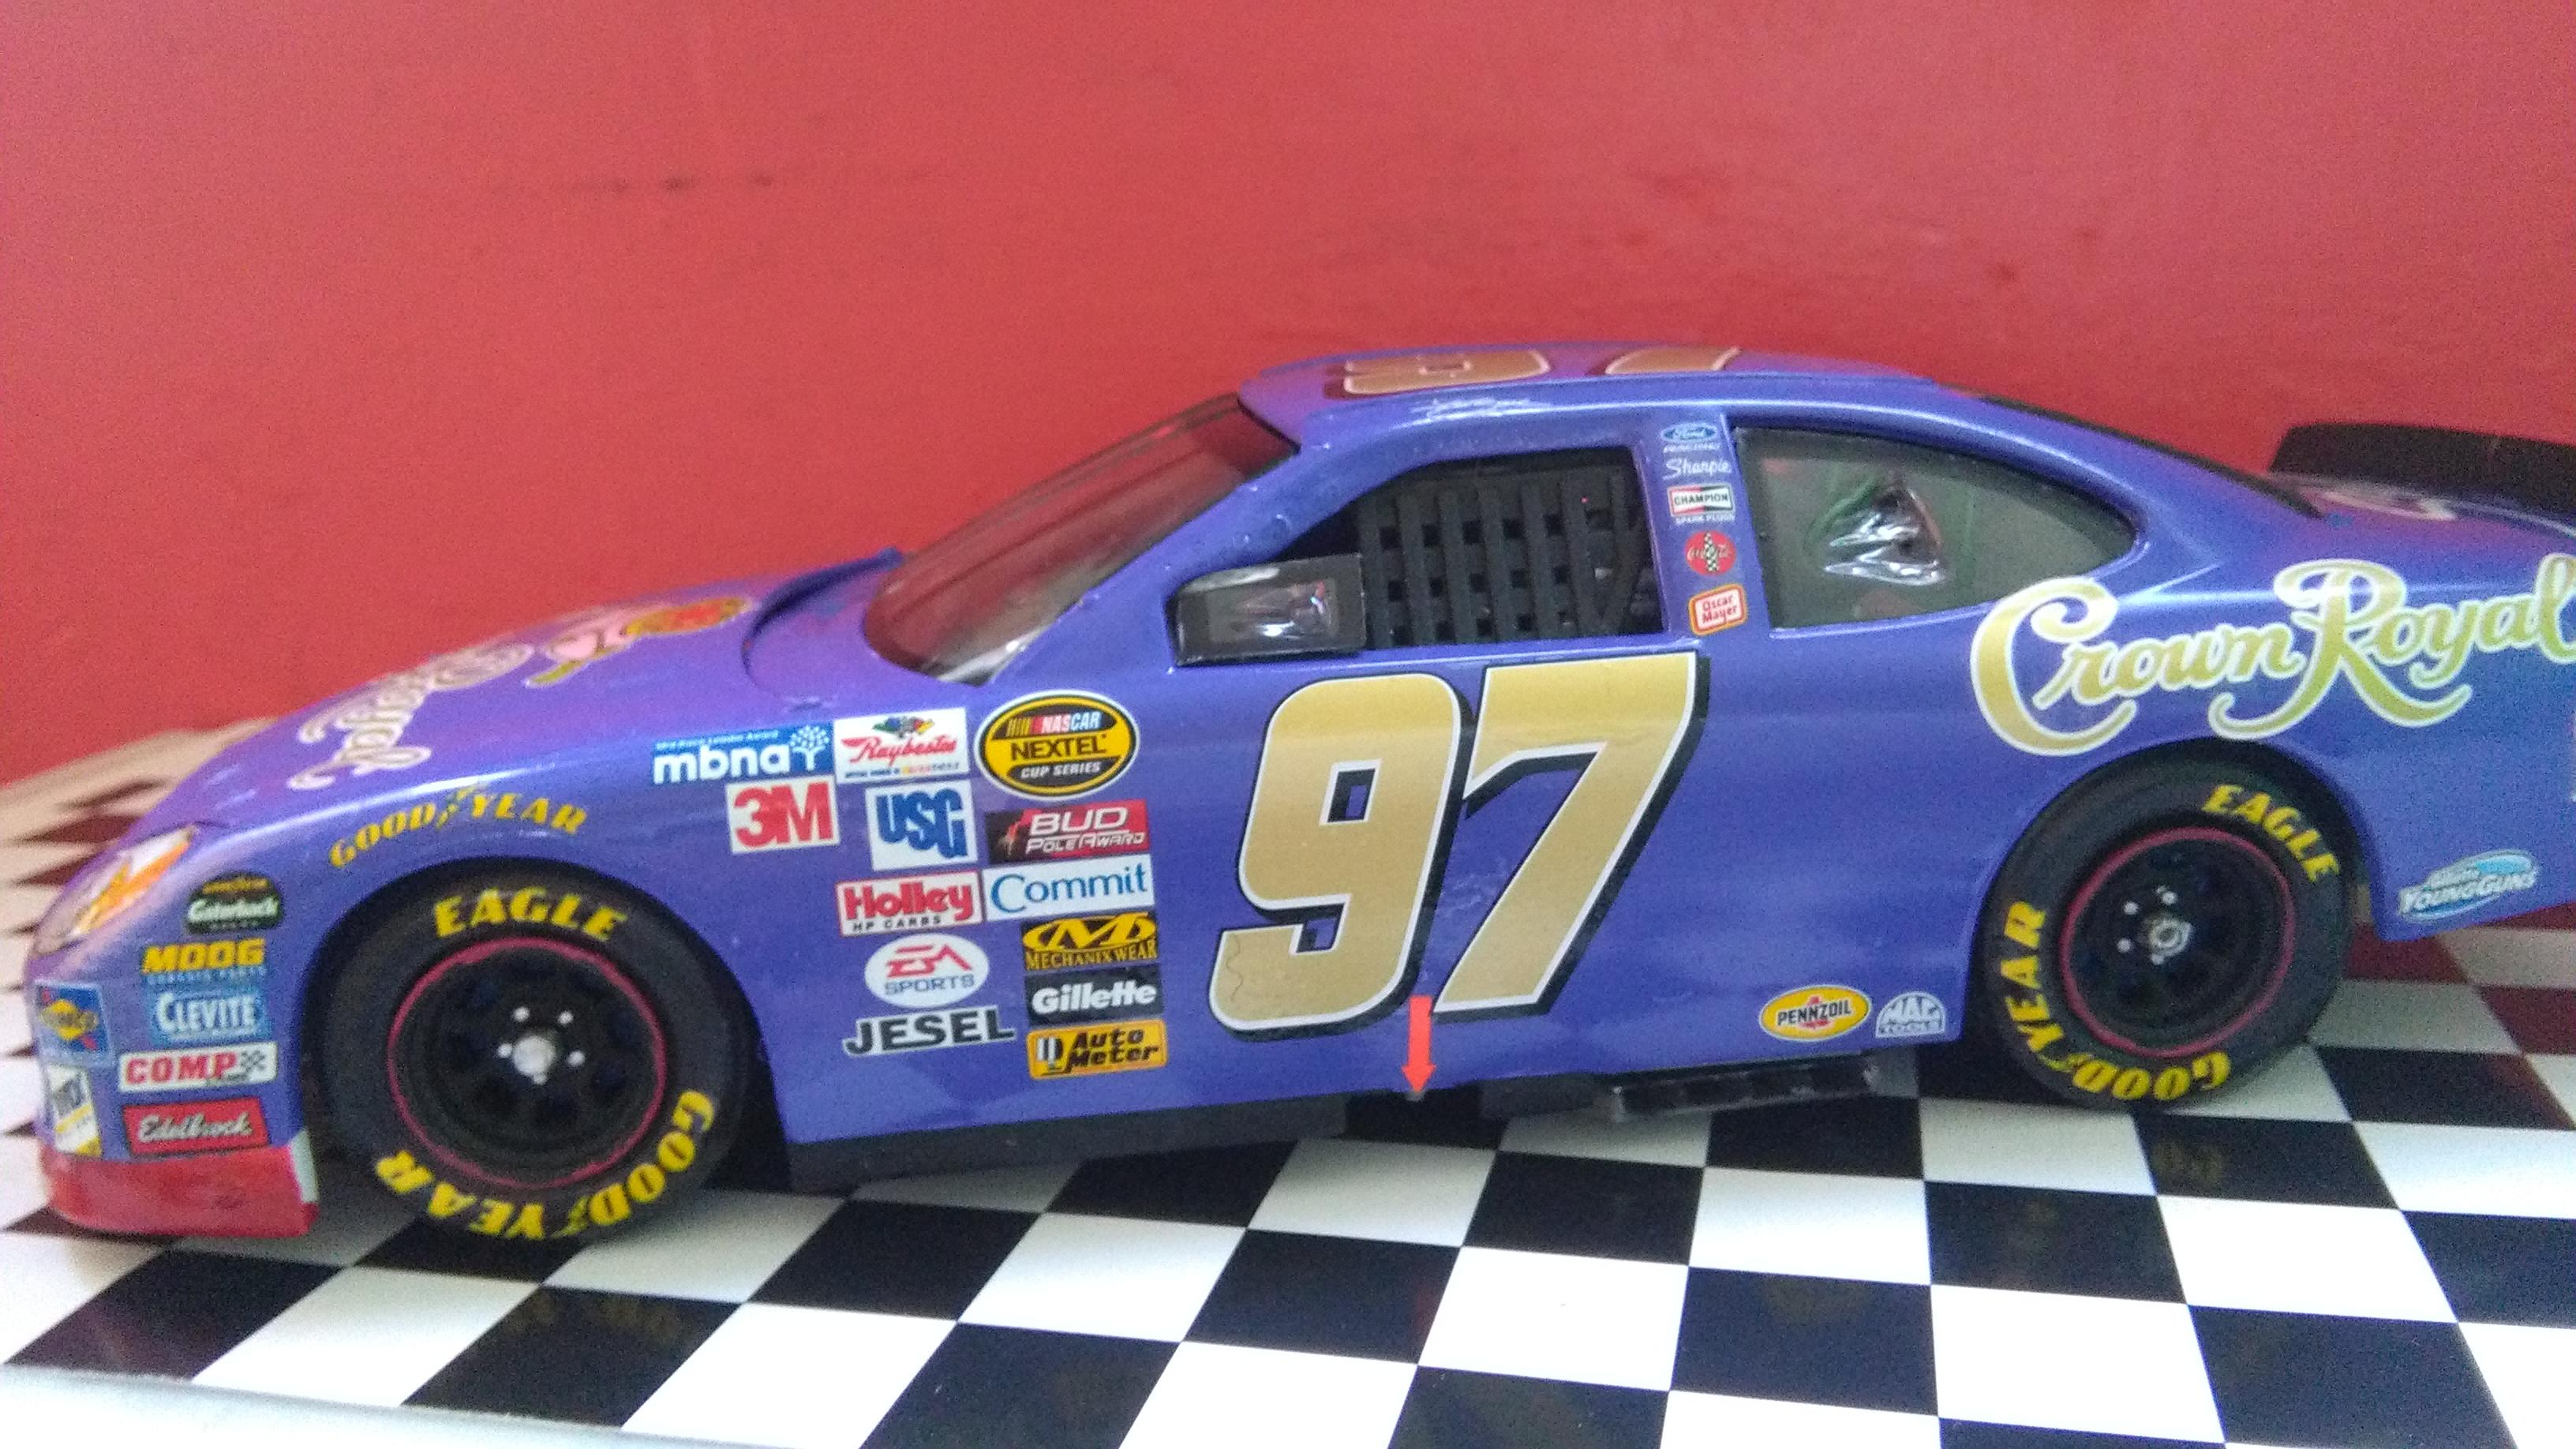 Ford Taurus 2005 #97 Kurt Busch Crown Royal  157701IMG20170430145430